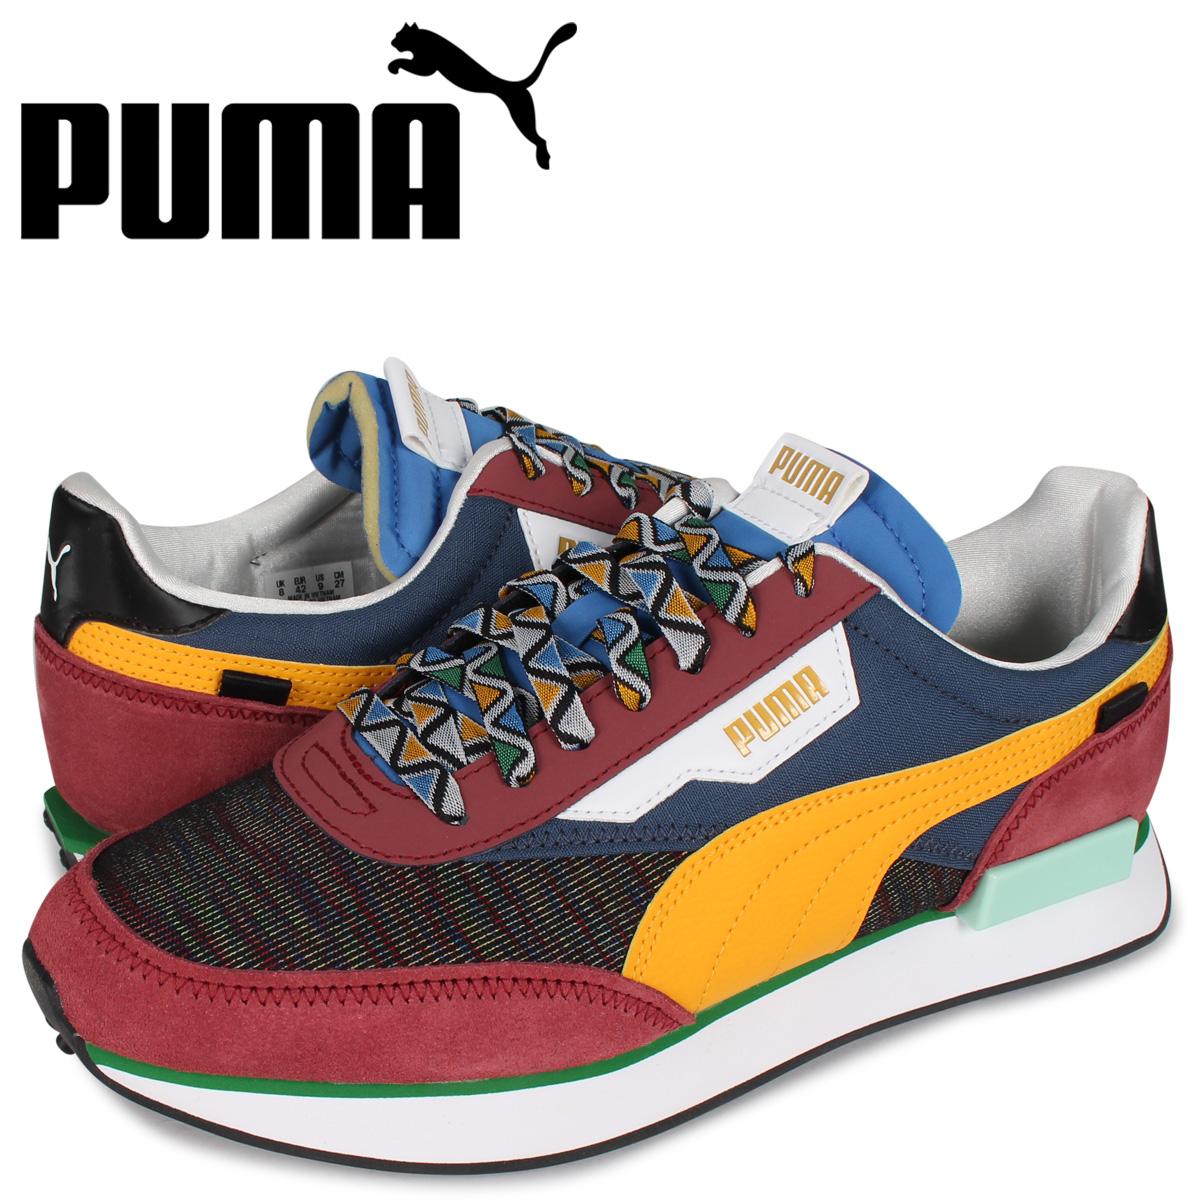 プーマ PUMA フューチャー ライダー スニーカー メンズ FUTURE RIDER MIX ブルー 37318401 [4/8 新入荷]